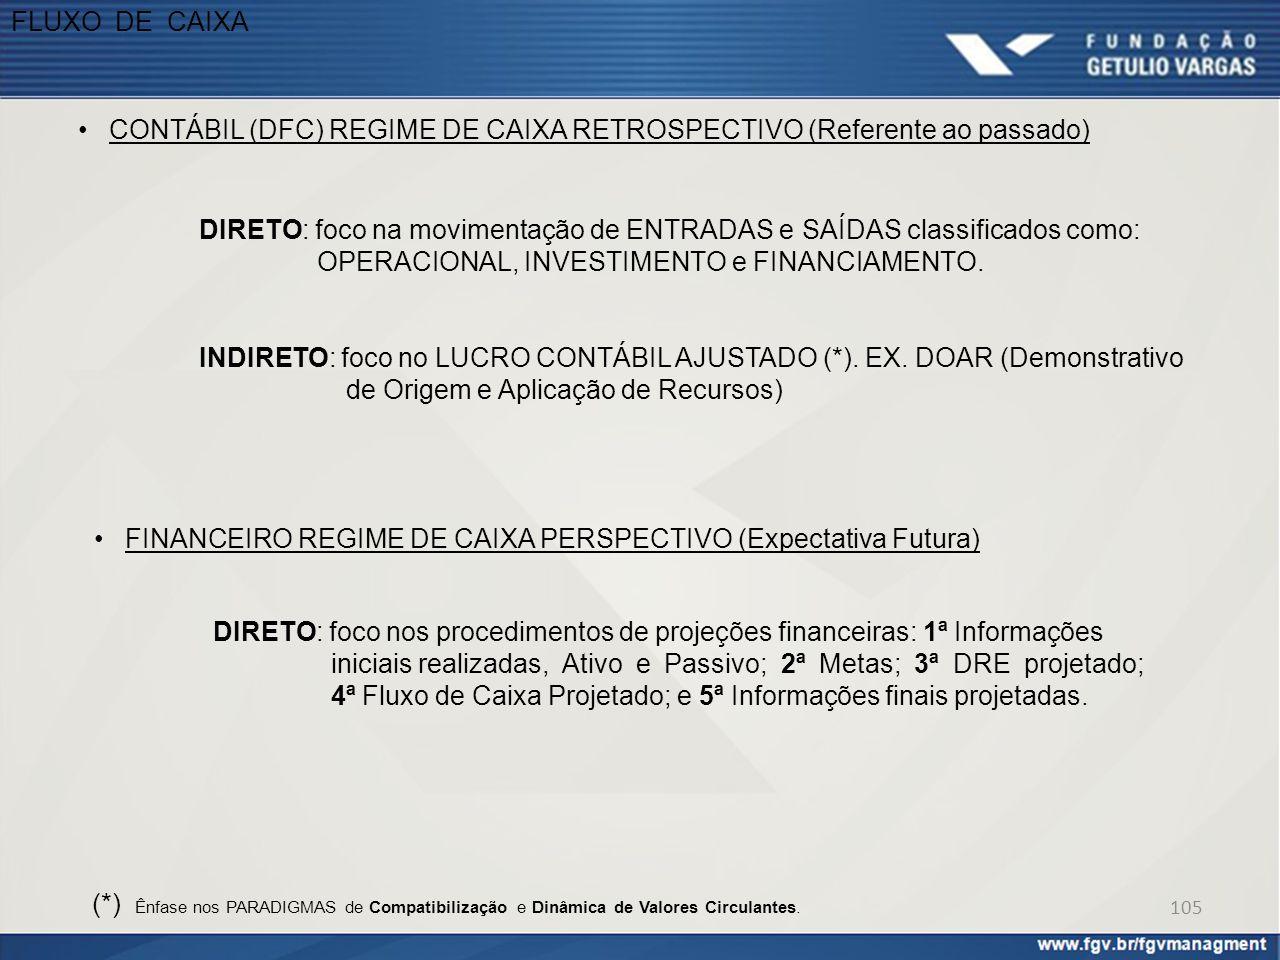 FLUXO DE CAIXA CONTÁBIL (DFC) REGIME DE CAIXA RETROSPECTIVO (Referente ao passado) FINANCEIRO REGIME DE CAIXA PERSPECTIVO (Expectativa Futura) DIRETO: